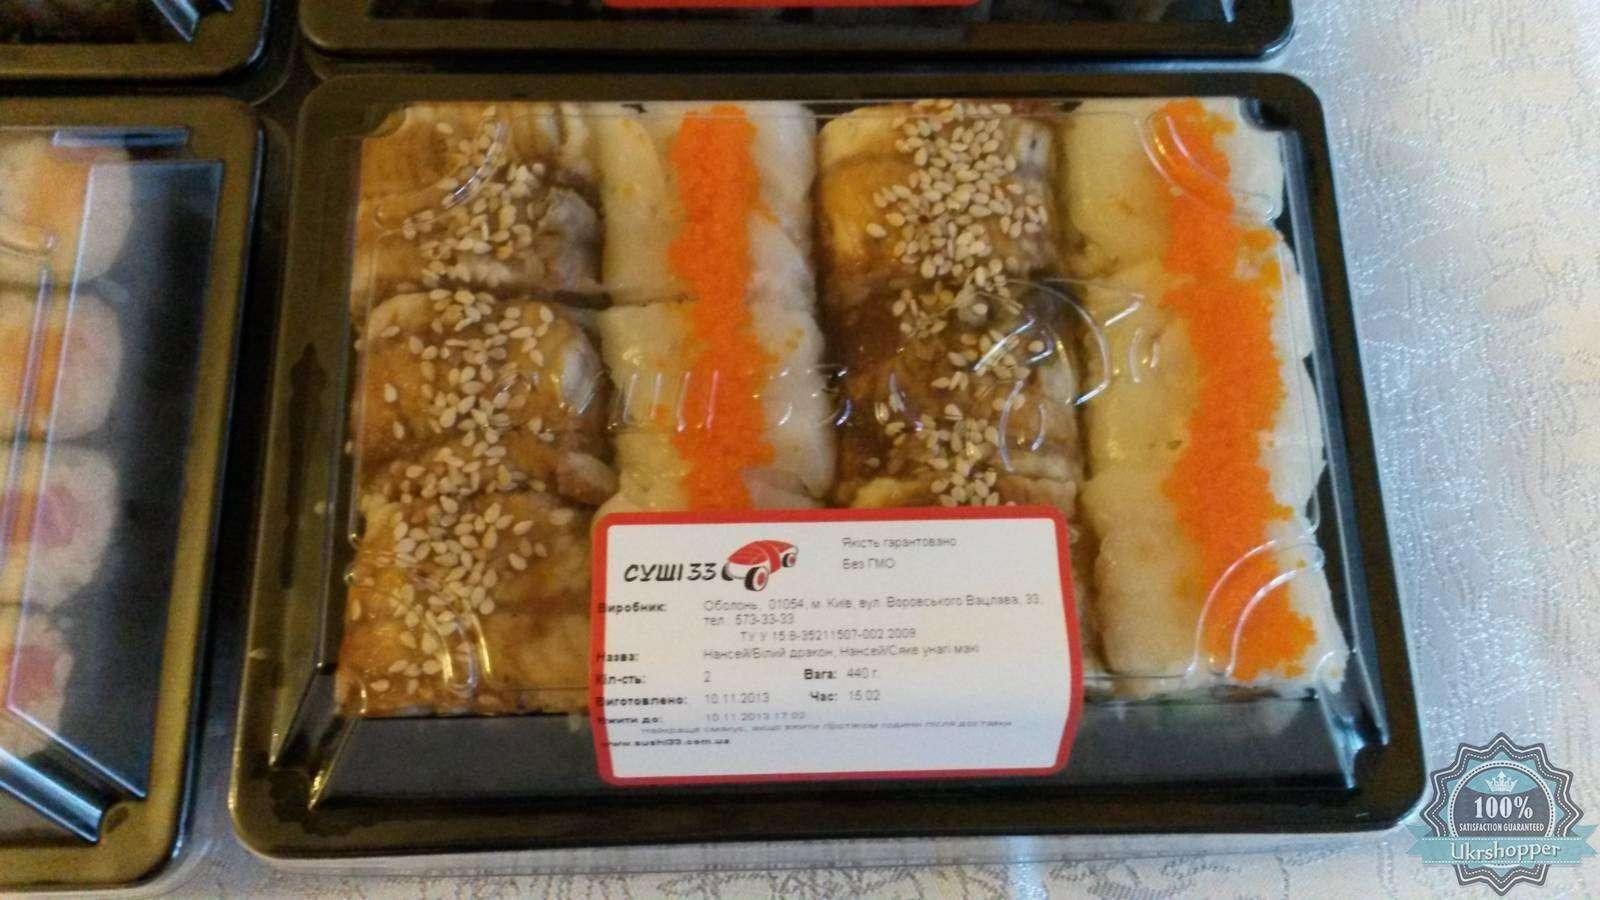 Суши 33/Пицца 33: Отличные суши с бесплатной доставкой